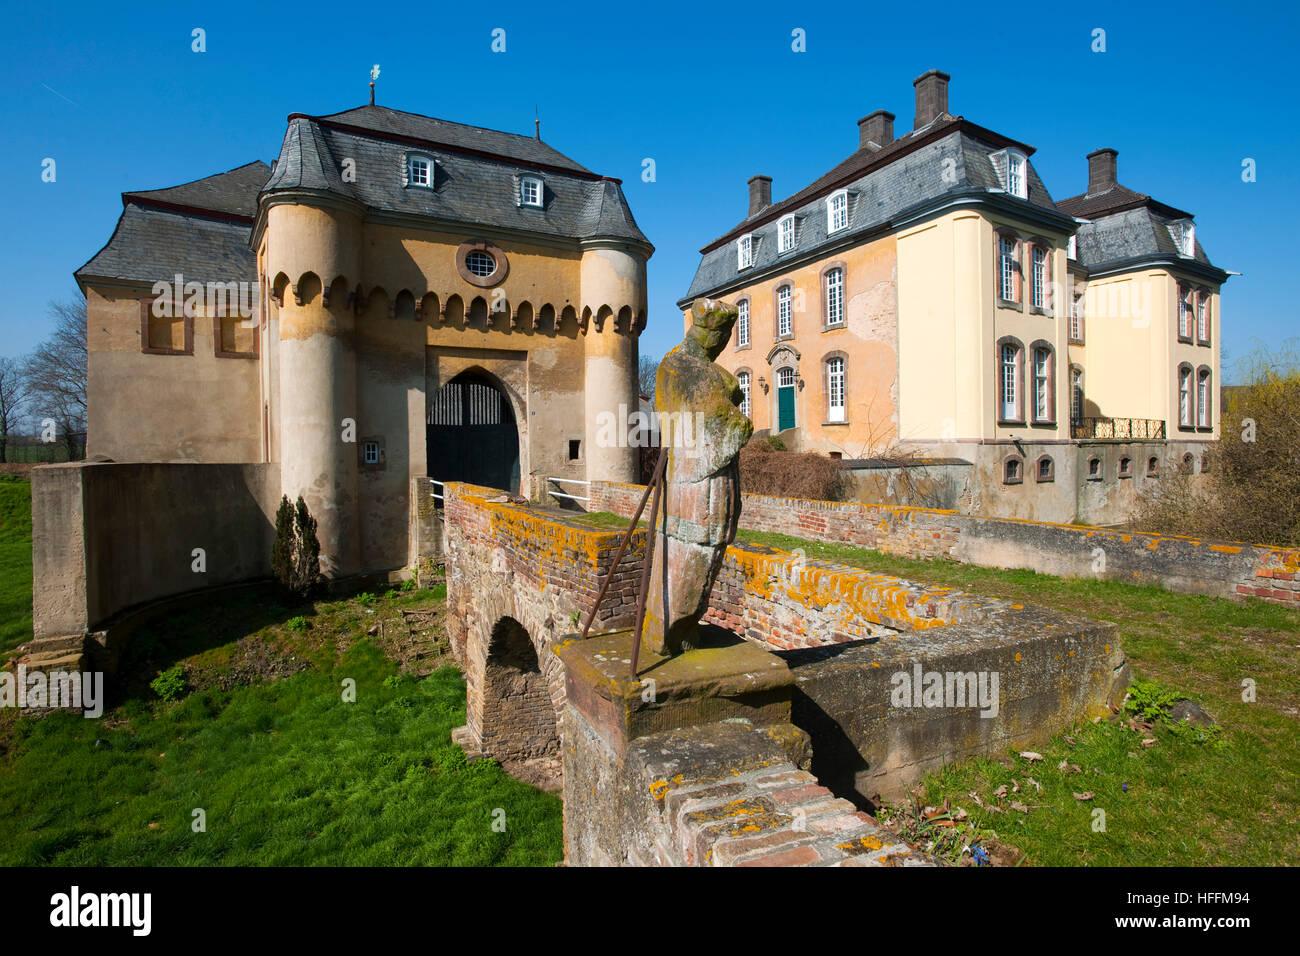 Deutschland nordrhein westfalen euskirchen ortsteil stock photo royalty free image - Euskirchen mobel ...